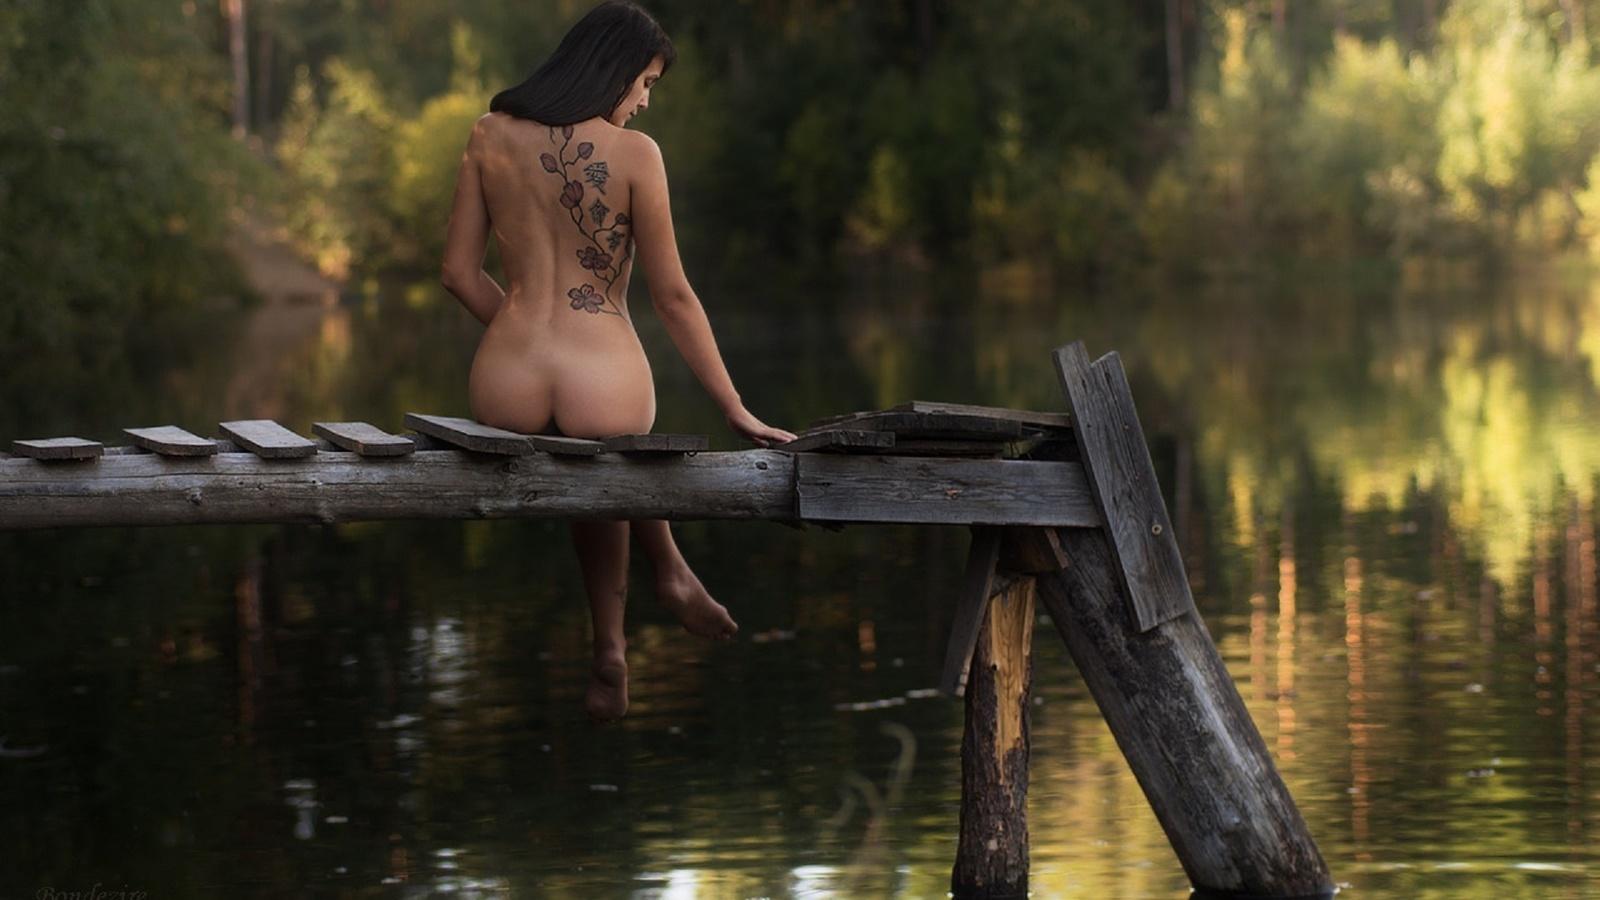 голые девчонки на мостике сидел диване